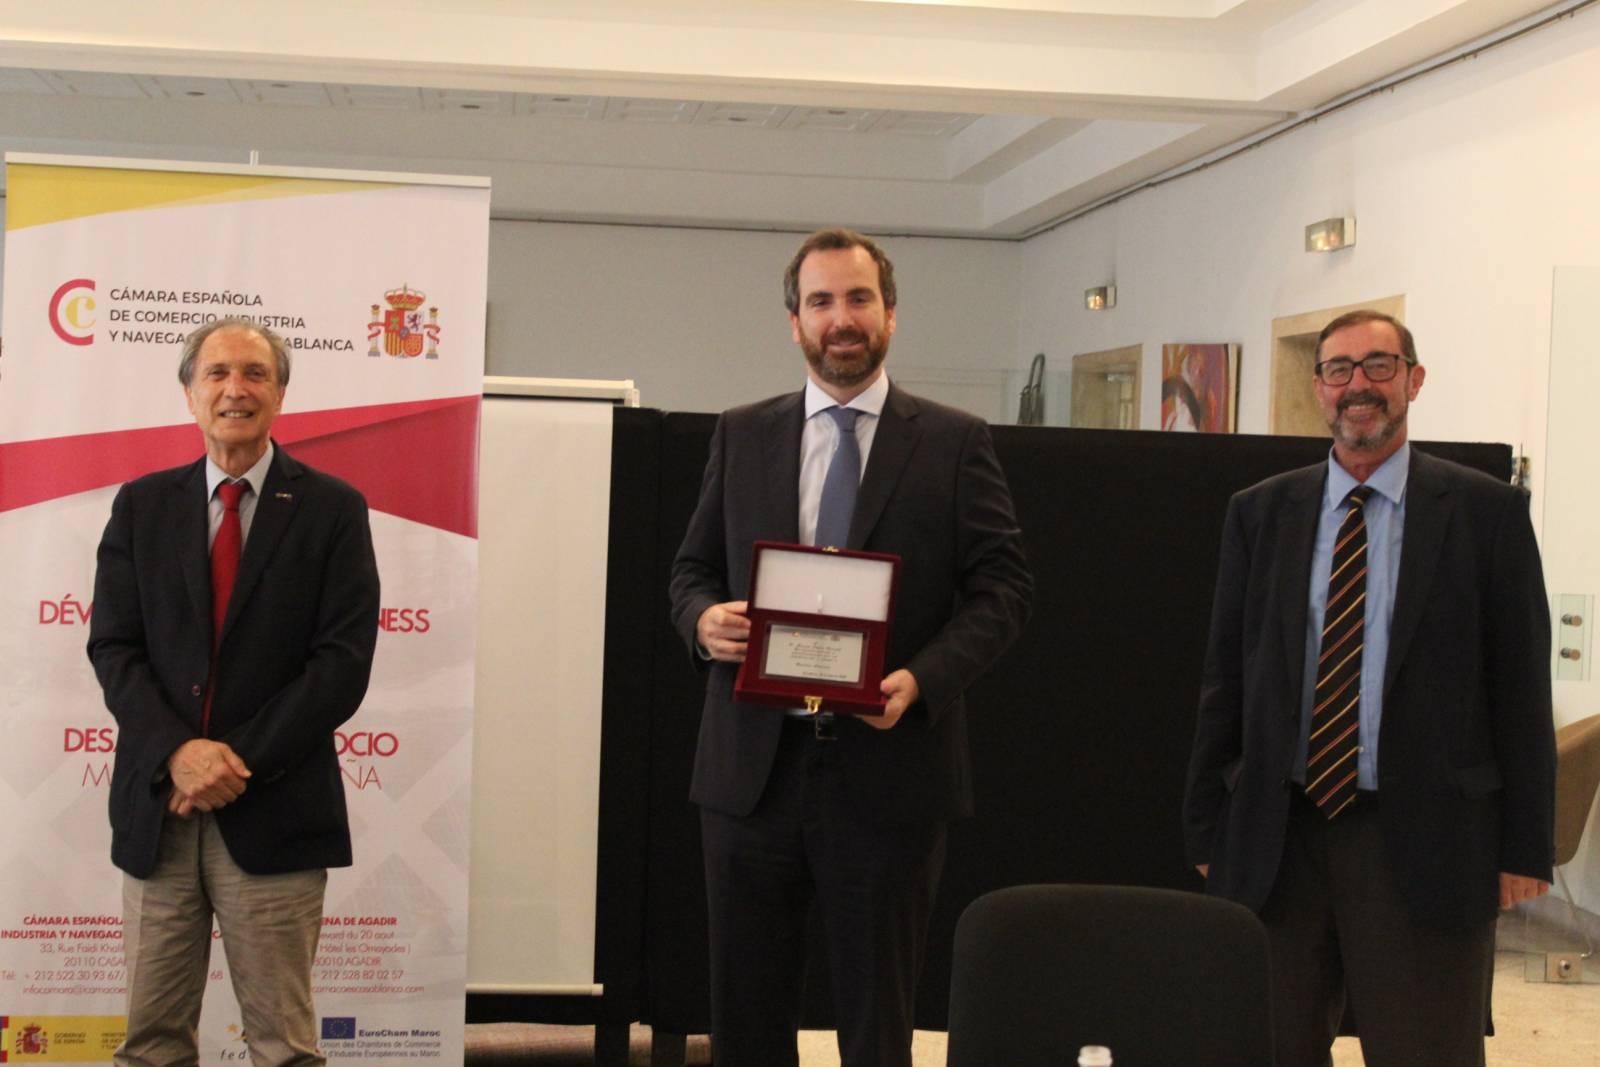 M. Juan García Muñoz remet une plaque d'honneur à M. Álvaro López Barceló